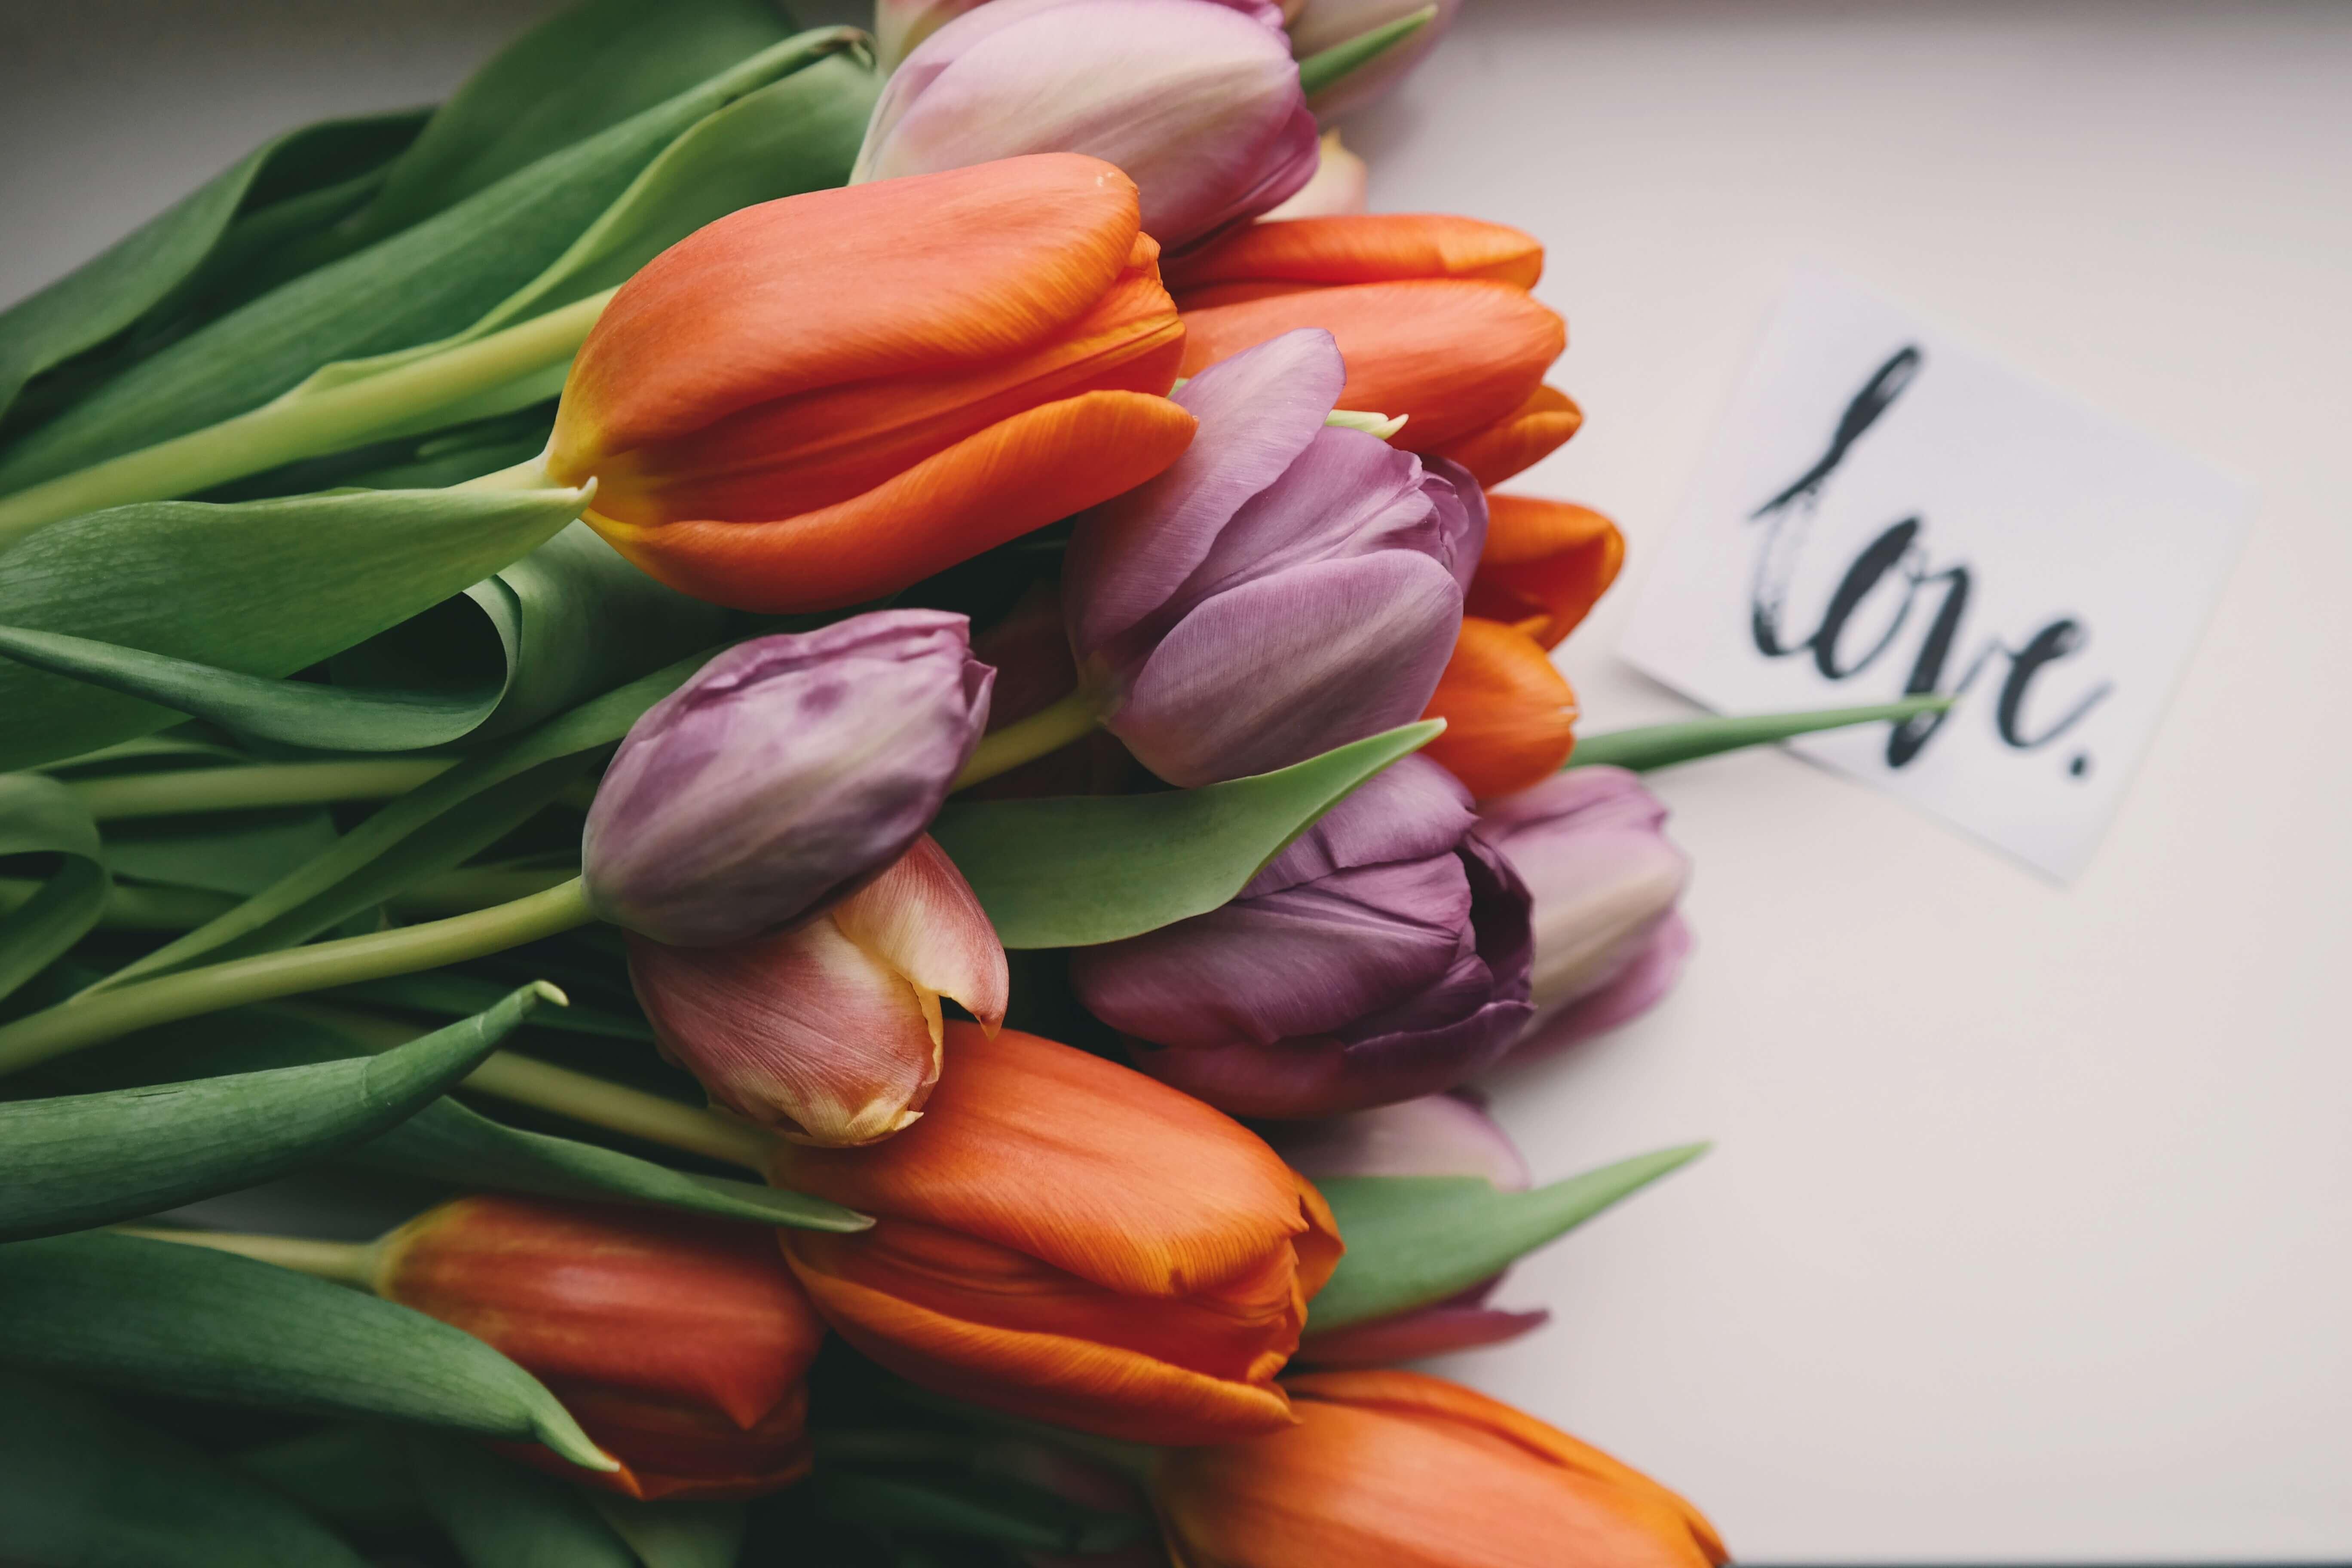 valentin day bouquet de fleurs idée cadeau original saint valentin homme